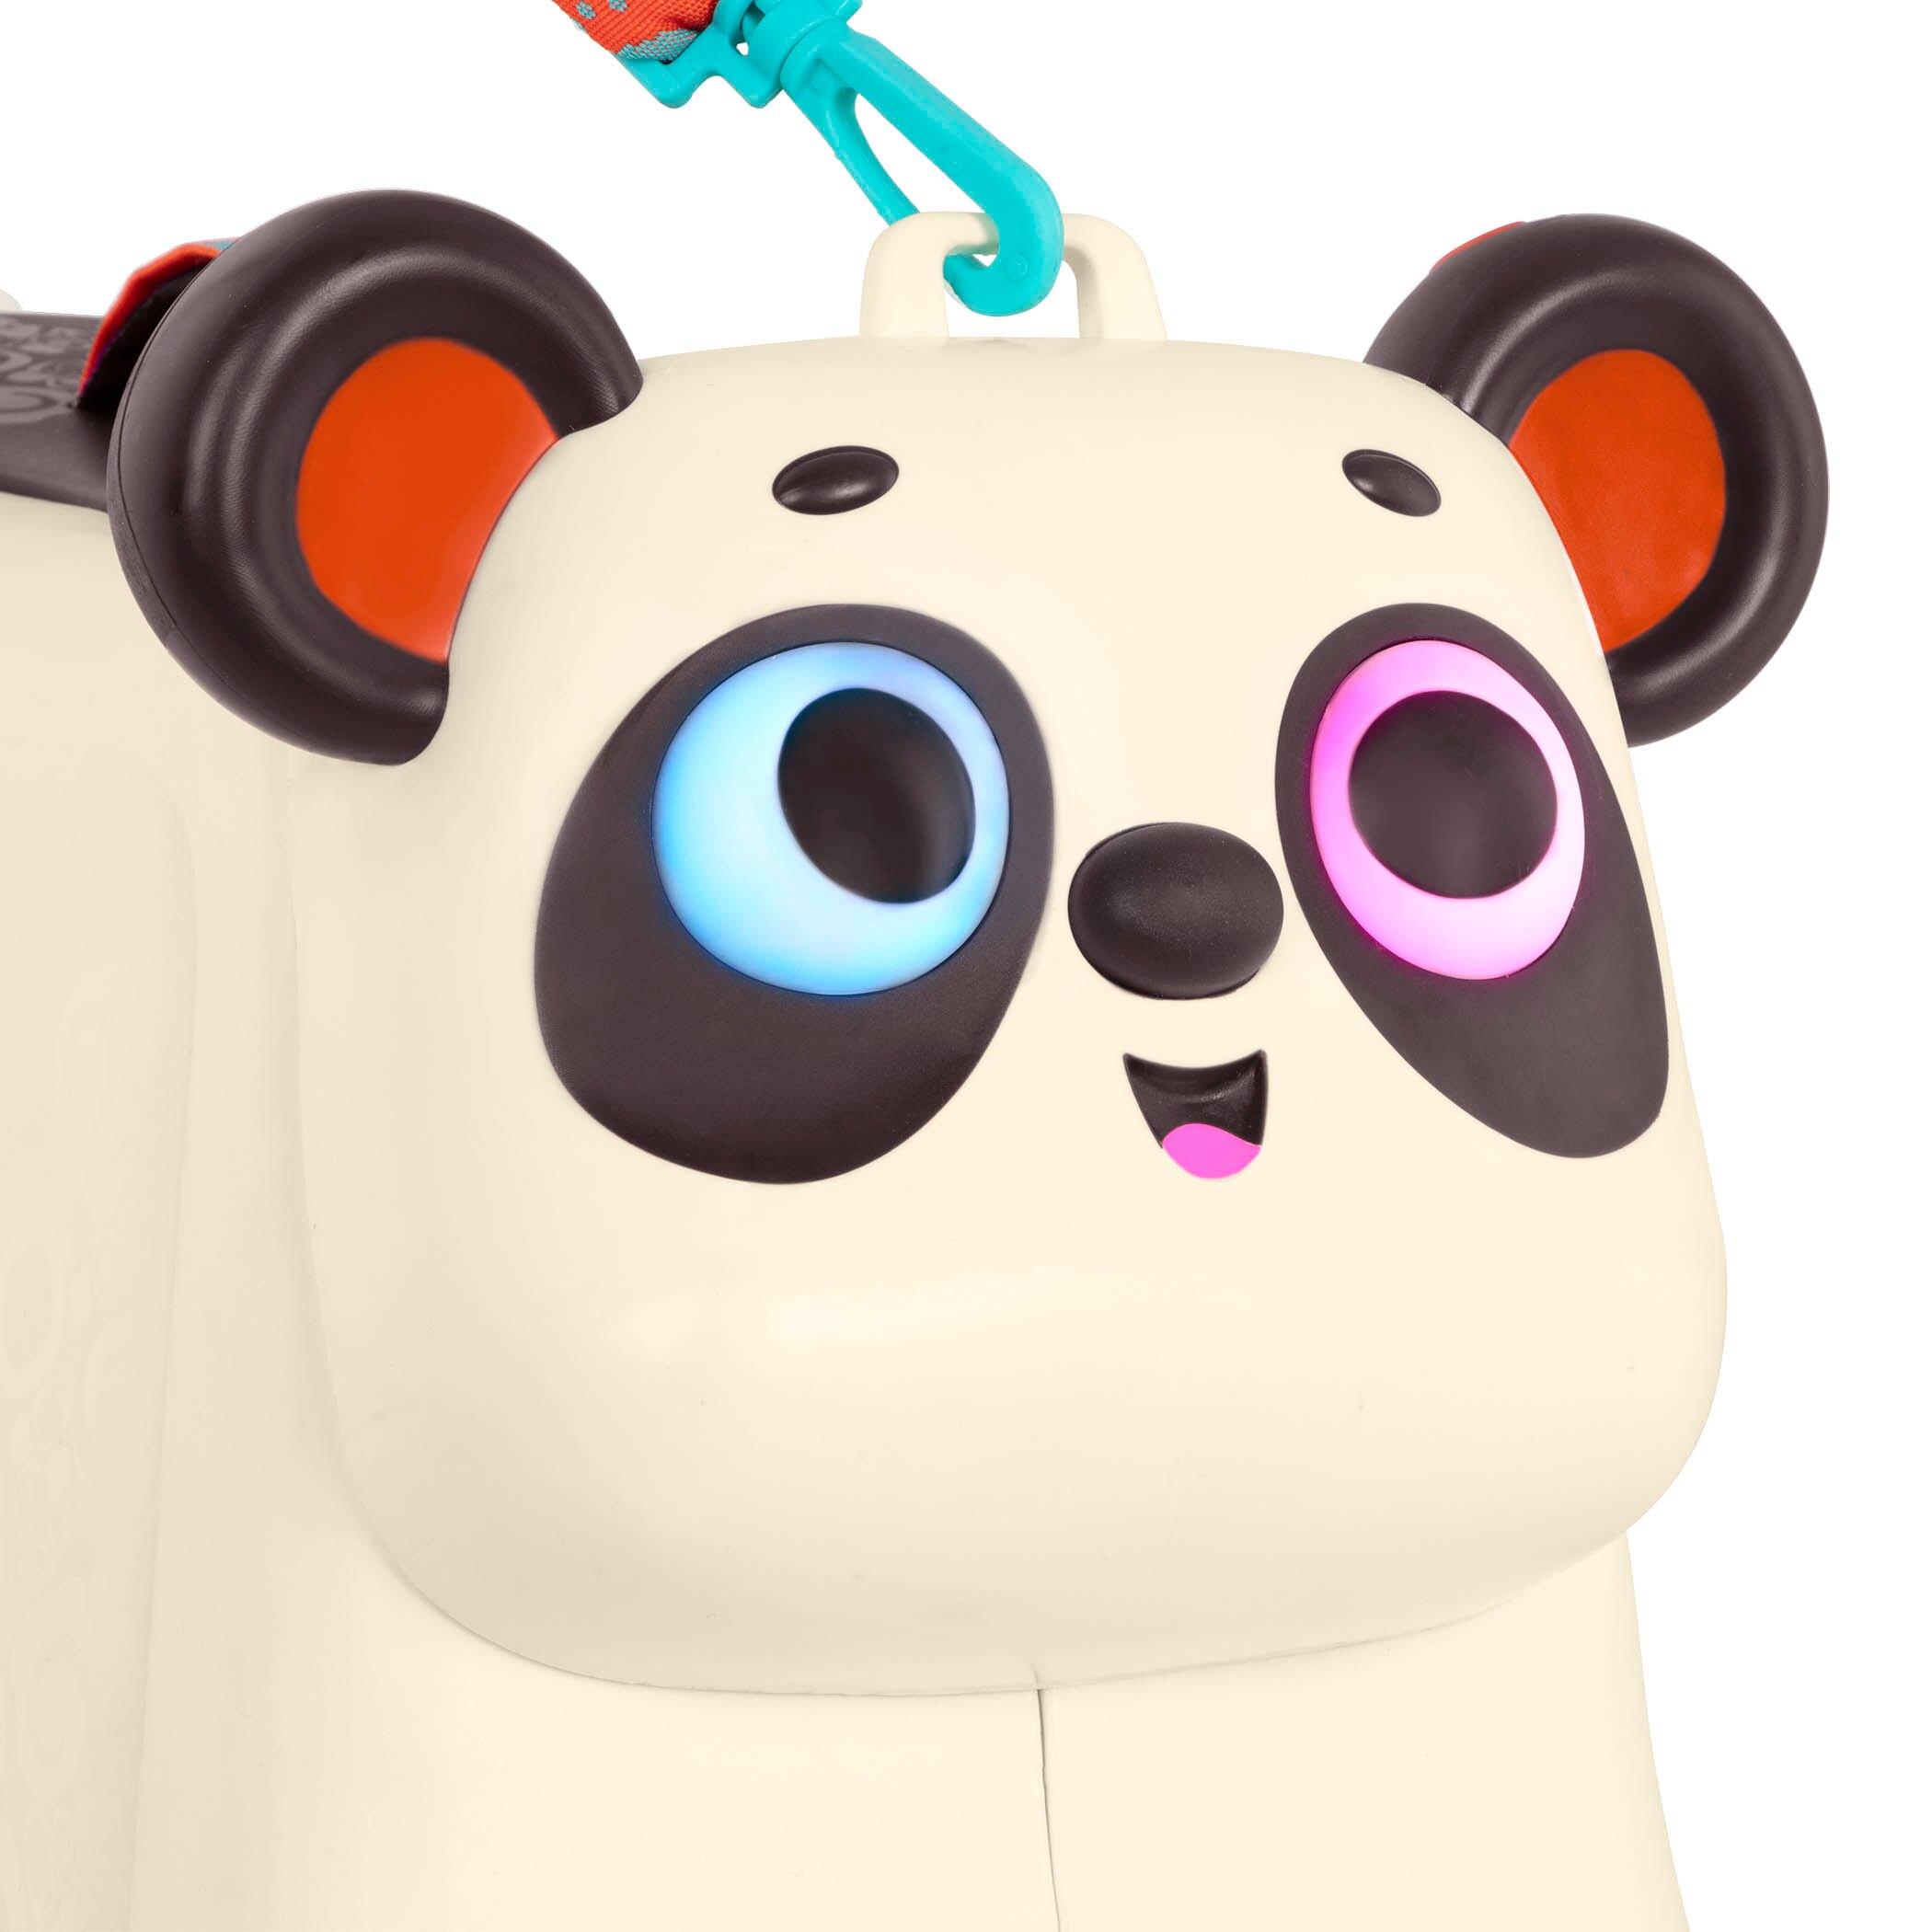 【淘氣寶寶】美國 B.Toys 感統玩具 Land of B. 熊貓滑步行李箱 LB1862【淘氣寶寶】